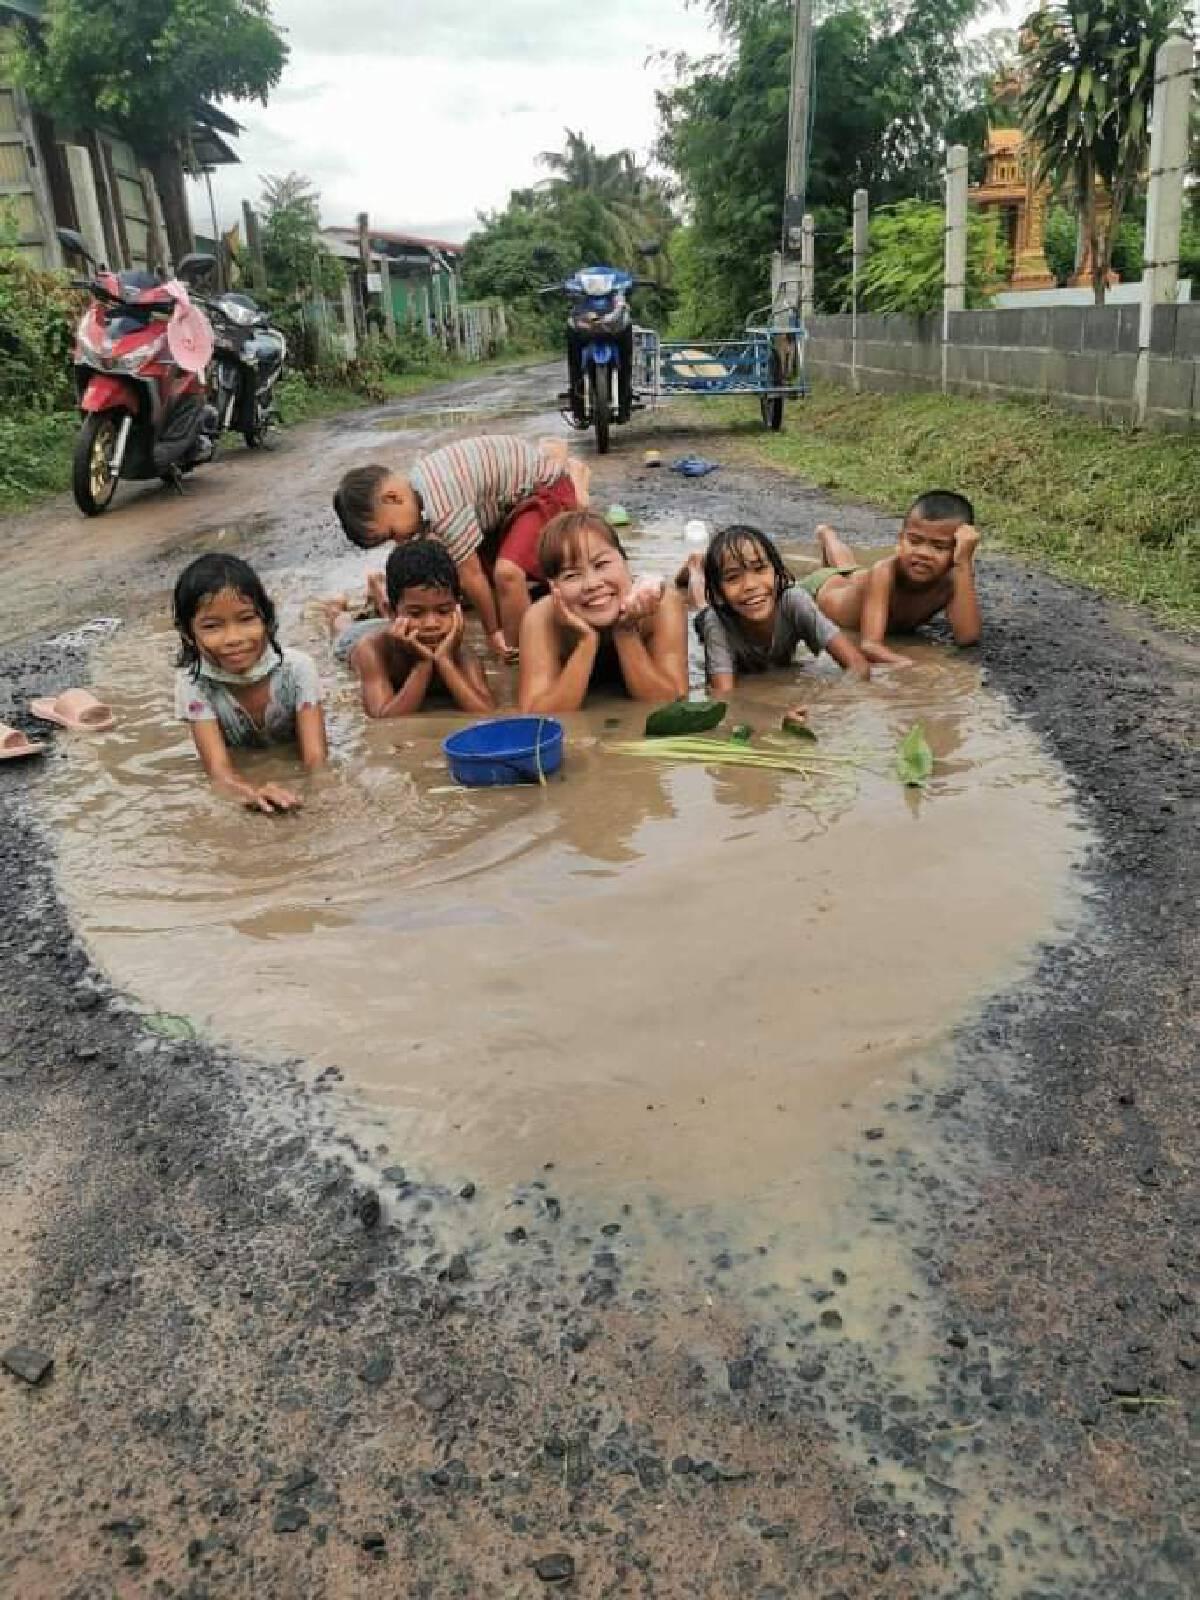 ชาวบ้านสุดทนถ่ายคลิปนุ่งกระโจมอกอาบน้ำกลางถนนชำรุดกว่า10ปี